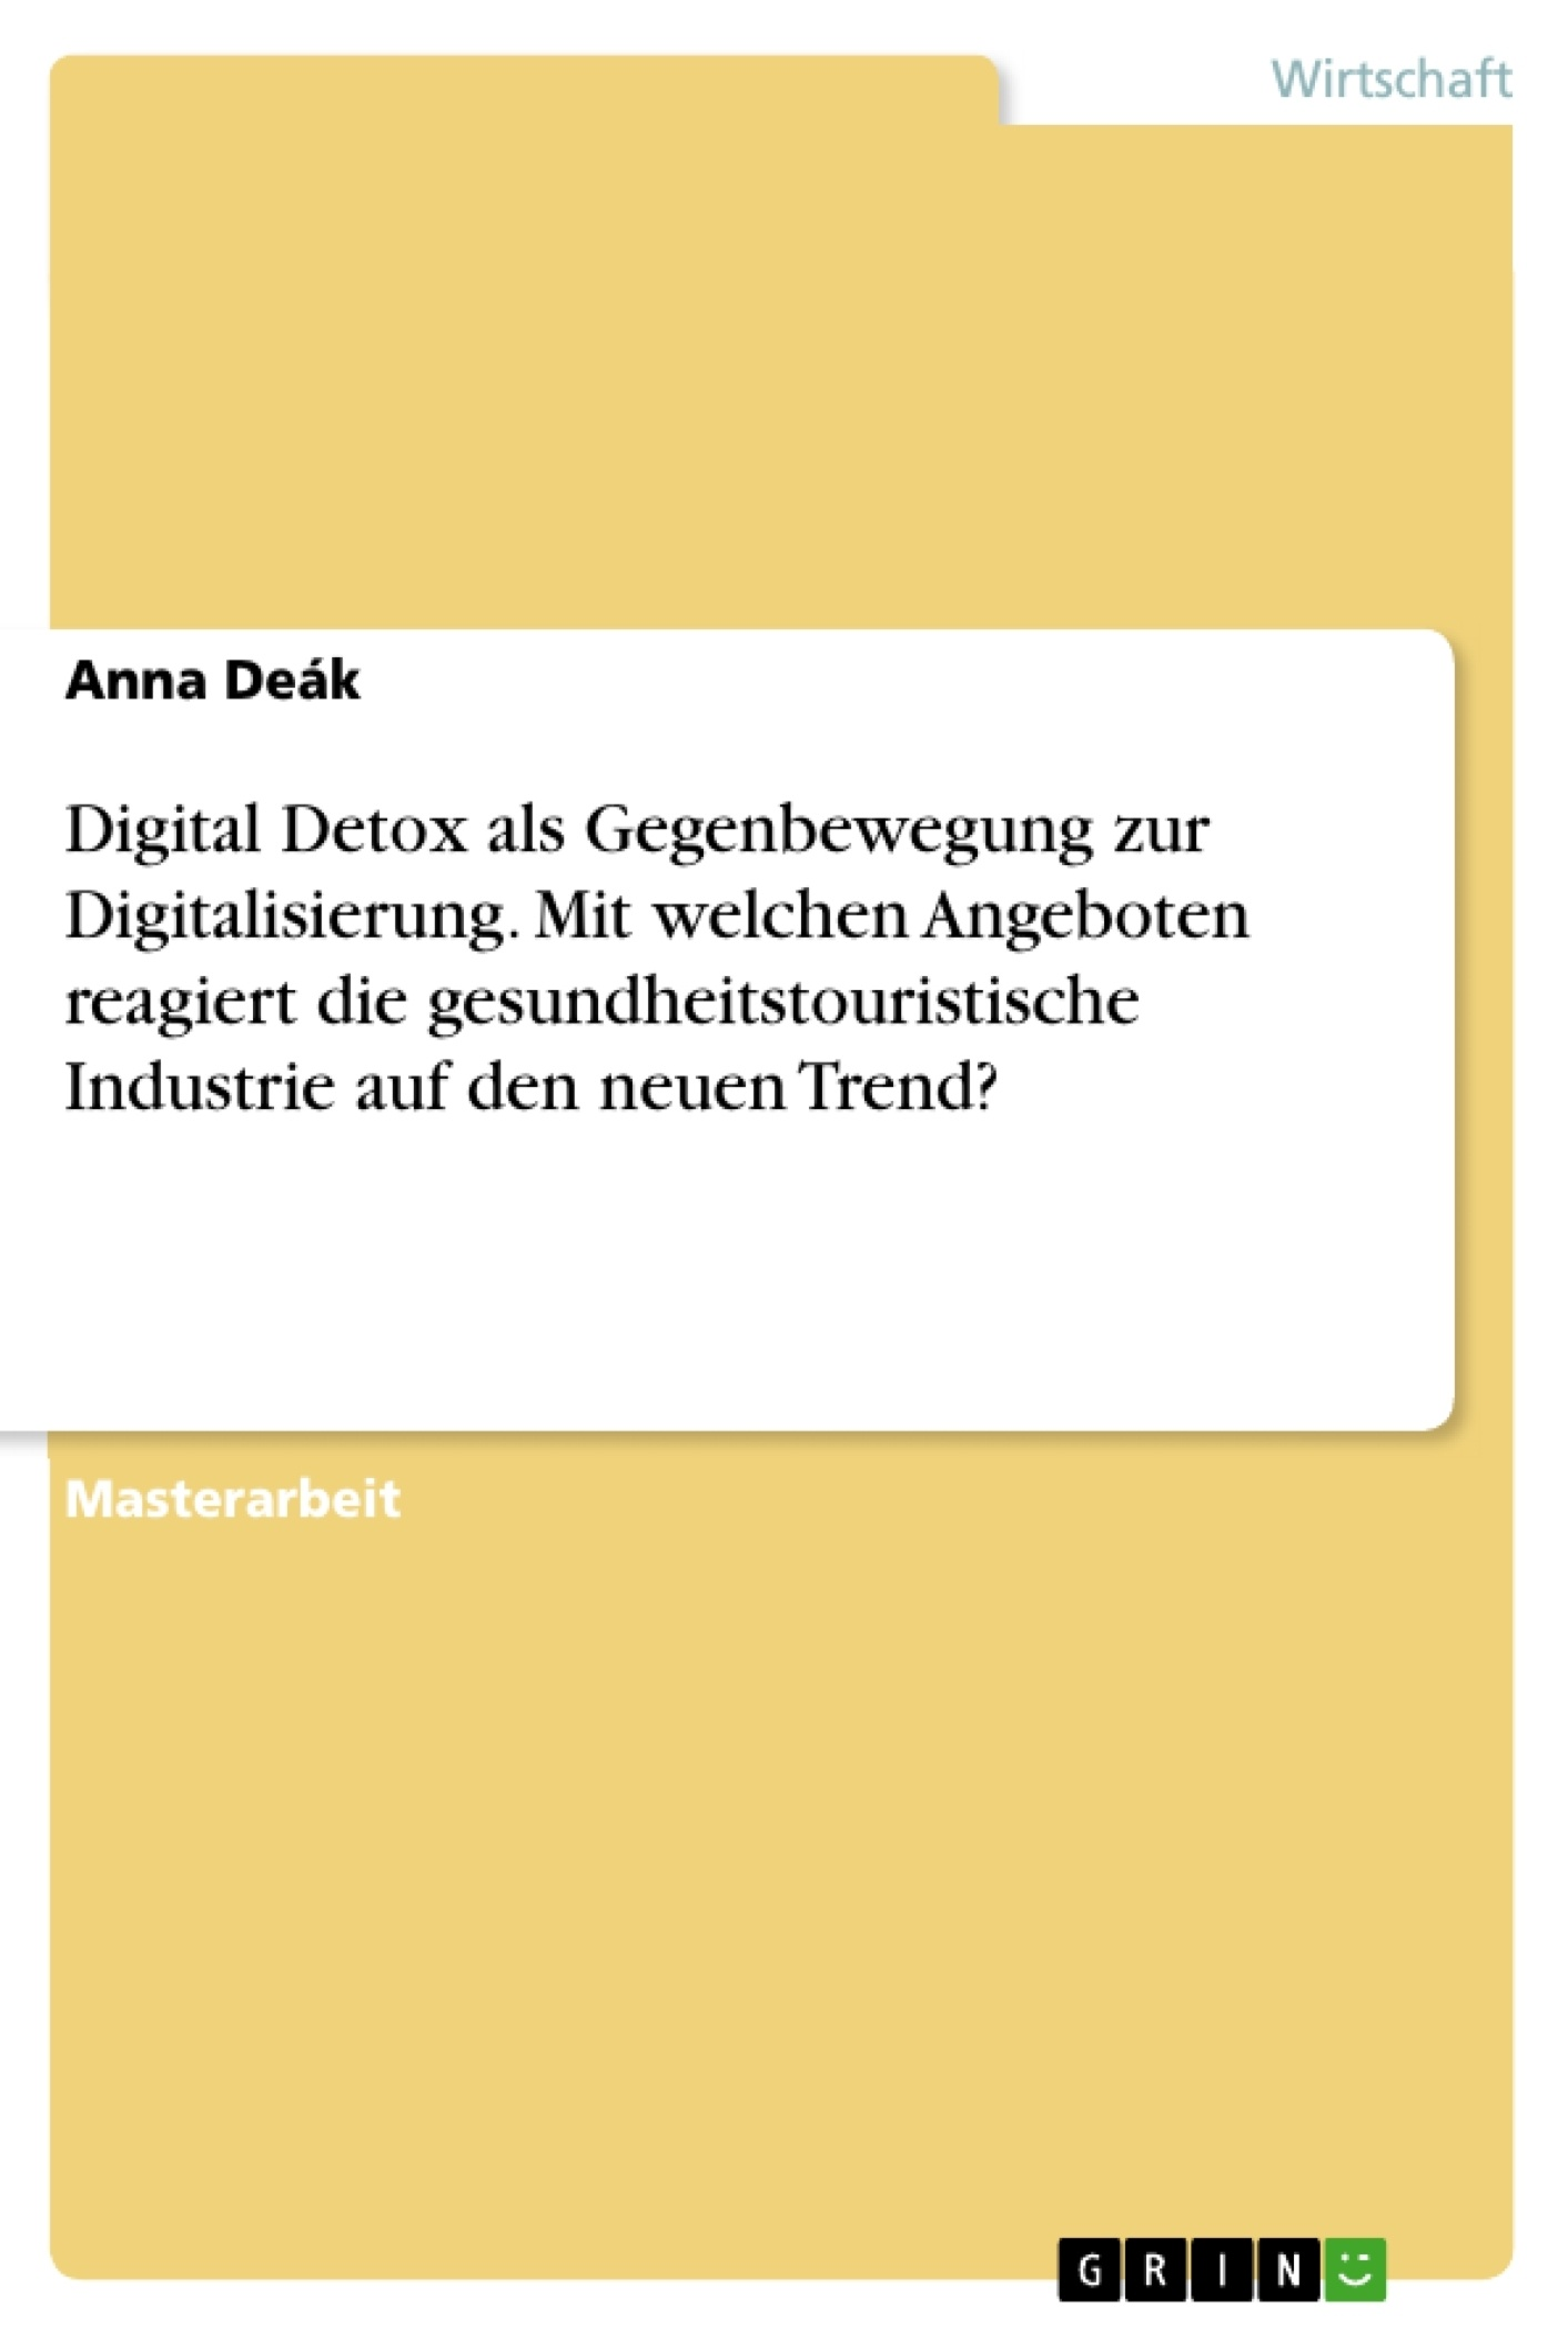 Titel: Digital Detox als Gegenbewegung zur Digitalisierung. Mit welchen Angeboten reagiert die gesundheitstouristische Industrie auf den neuen Trend?